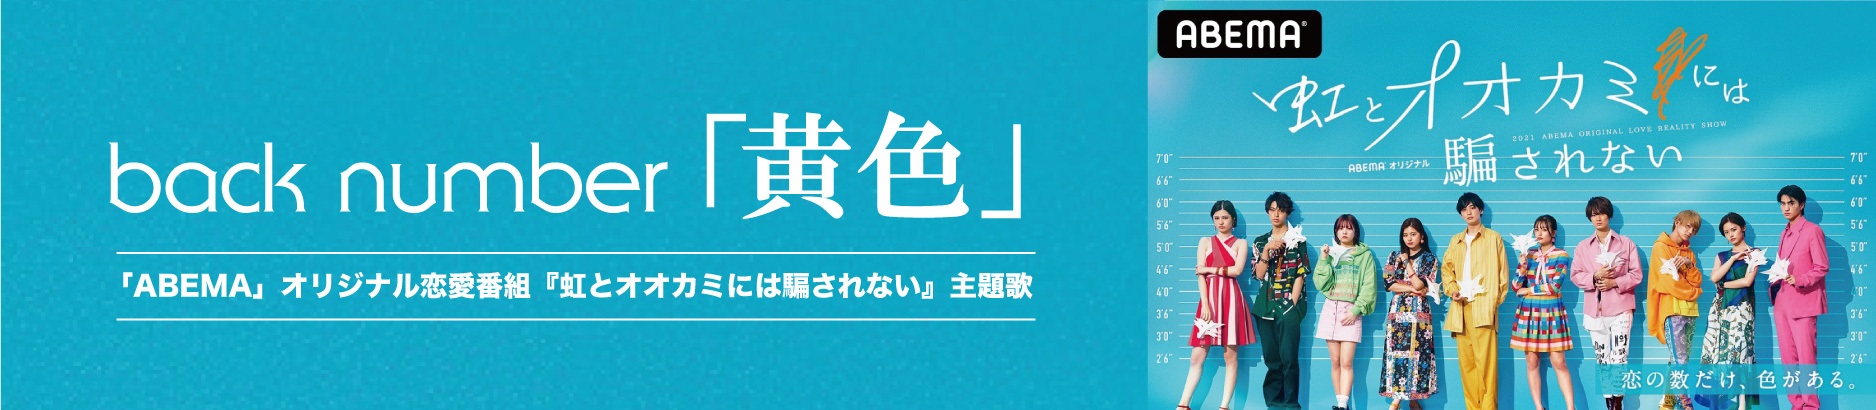 back number「黄色」